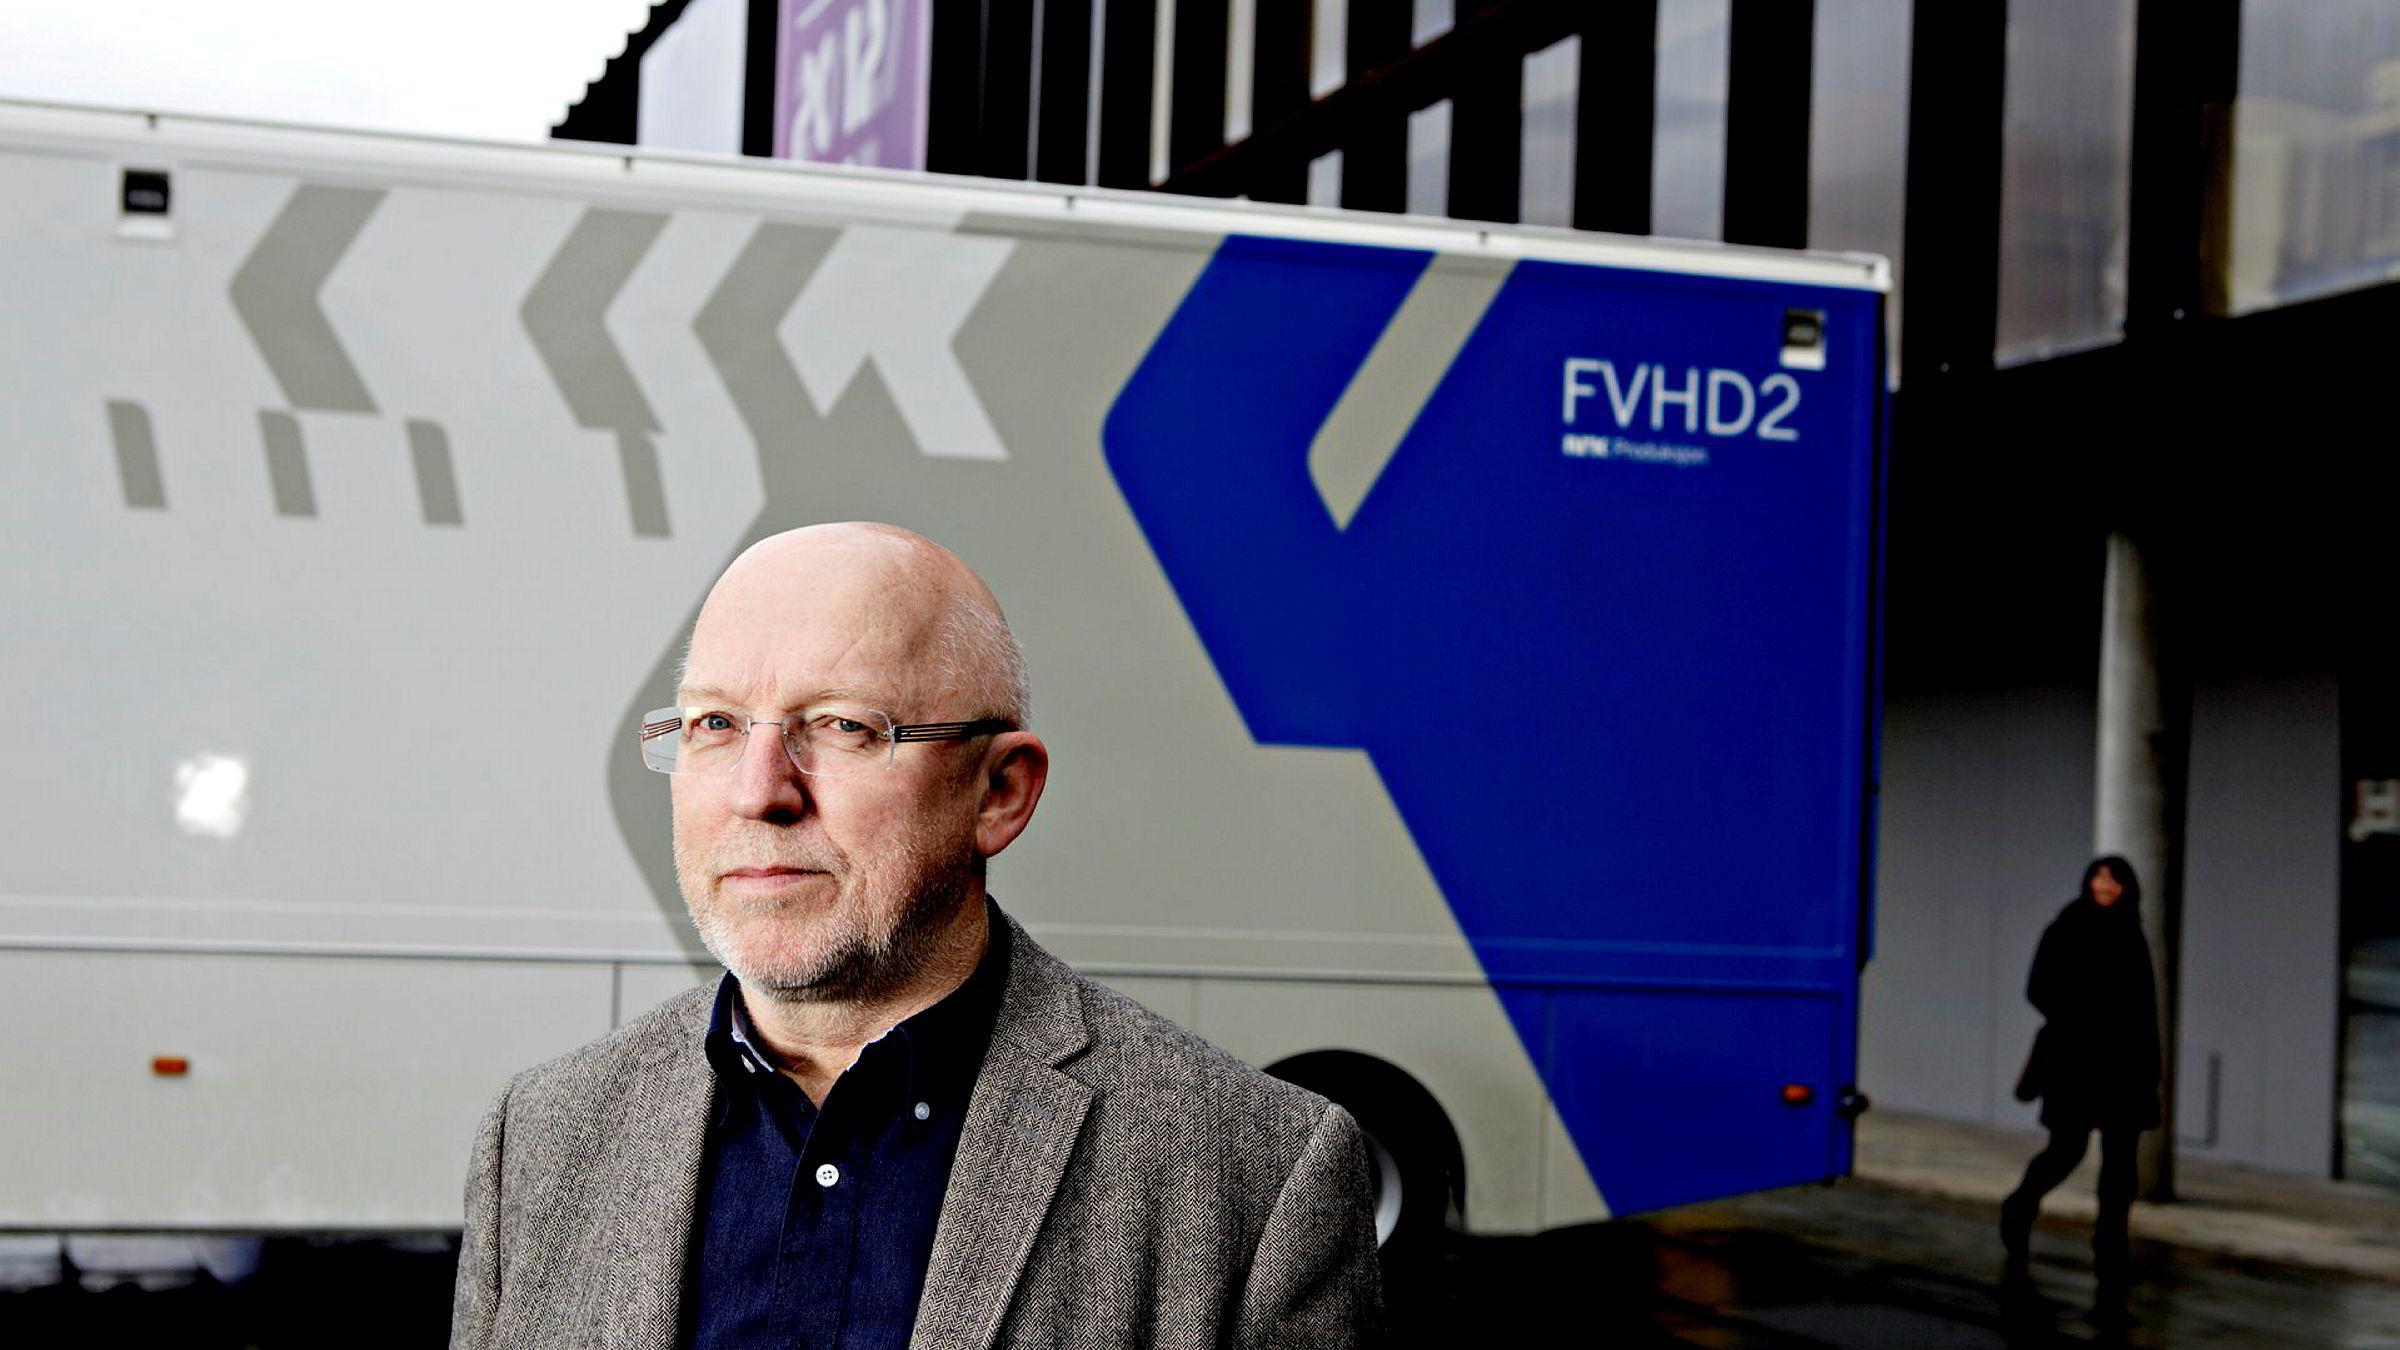 Sven Egil Omdal vil stramme inn mediene behandling av «urutinerte kilder».